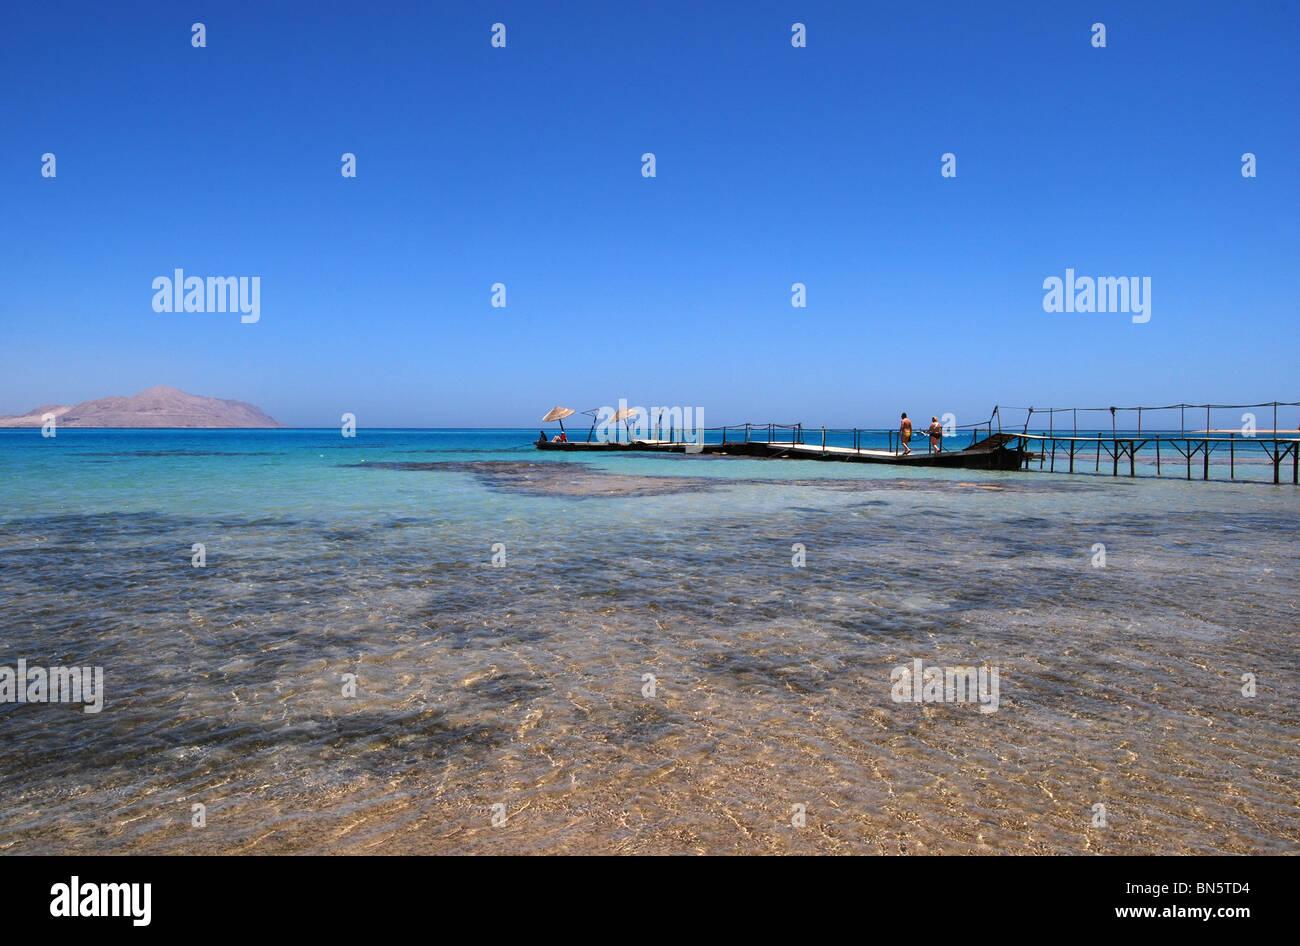 Steg ins Meer Sharm Hausnummer 2929 Stockbild